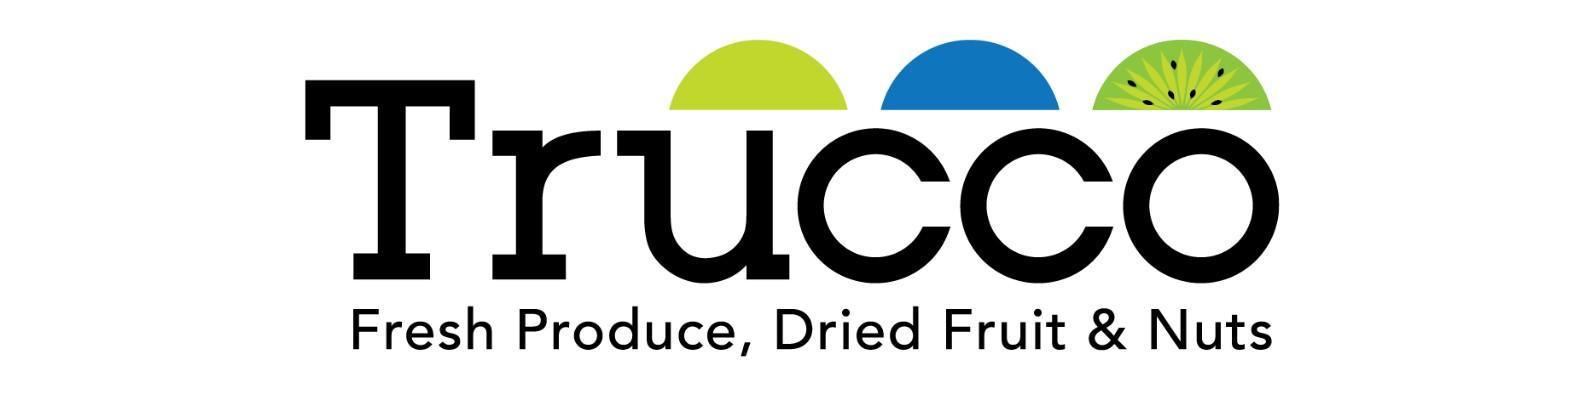 Trucco | LinkedIn